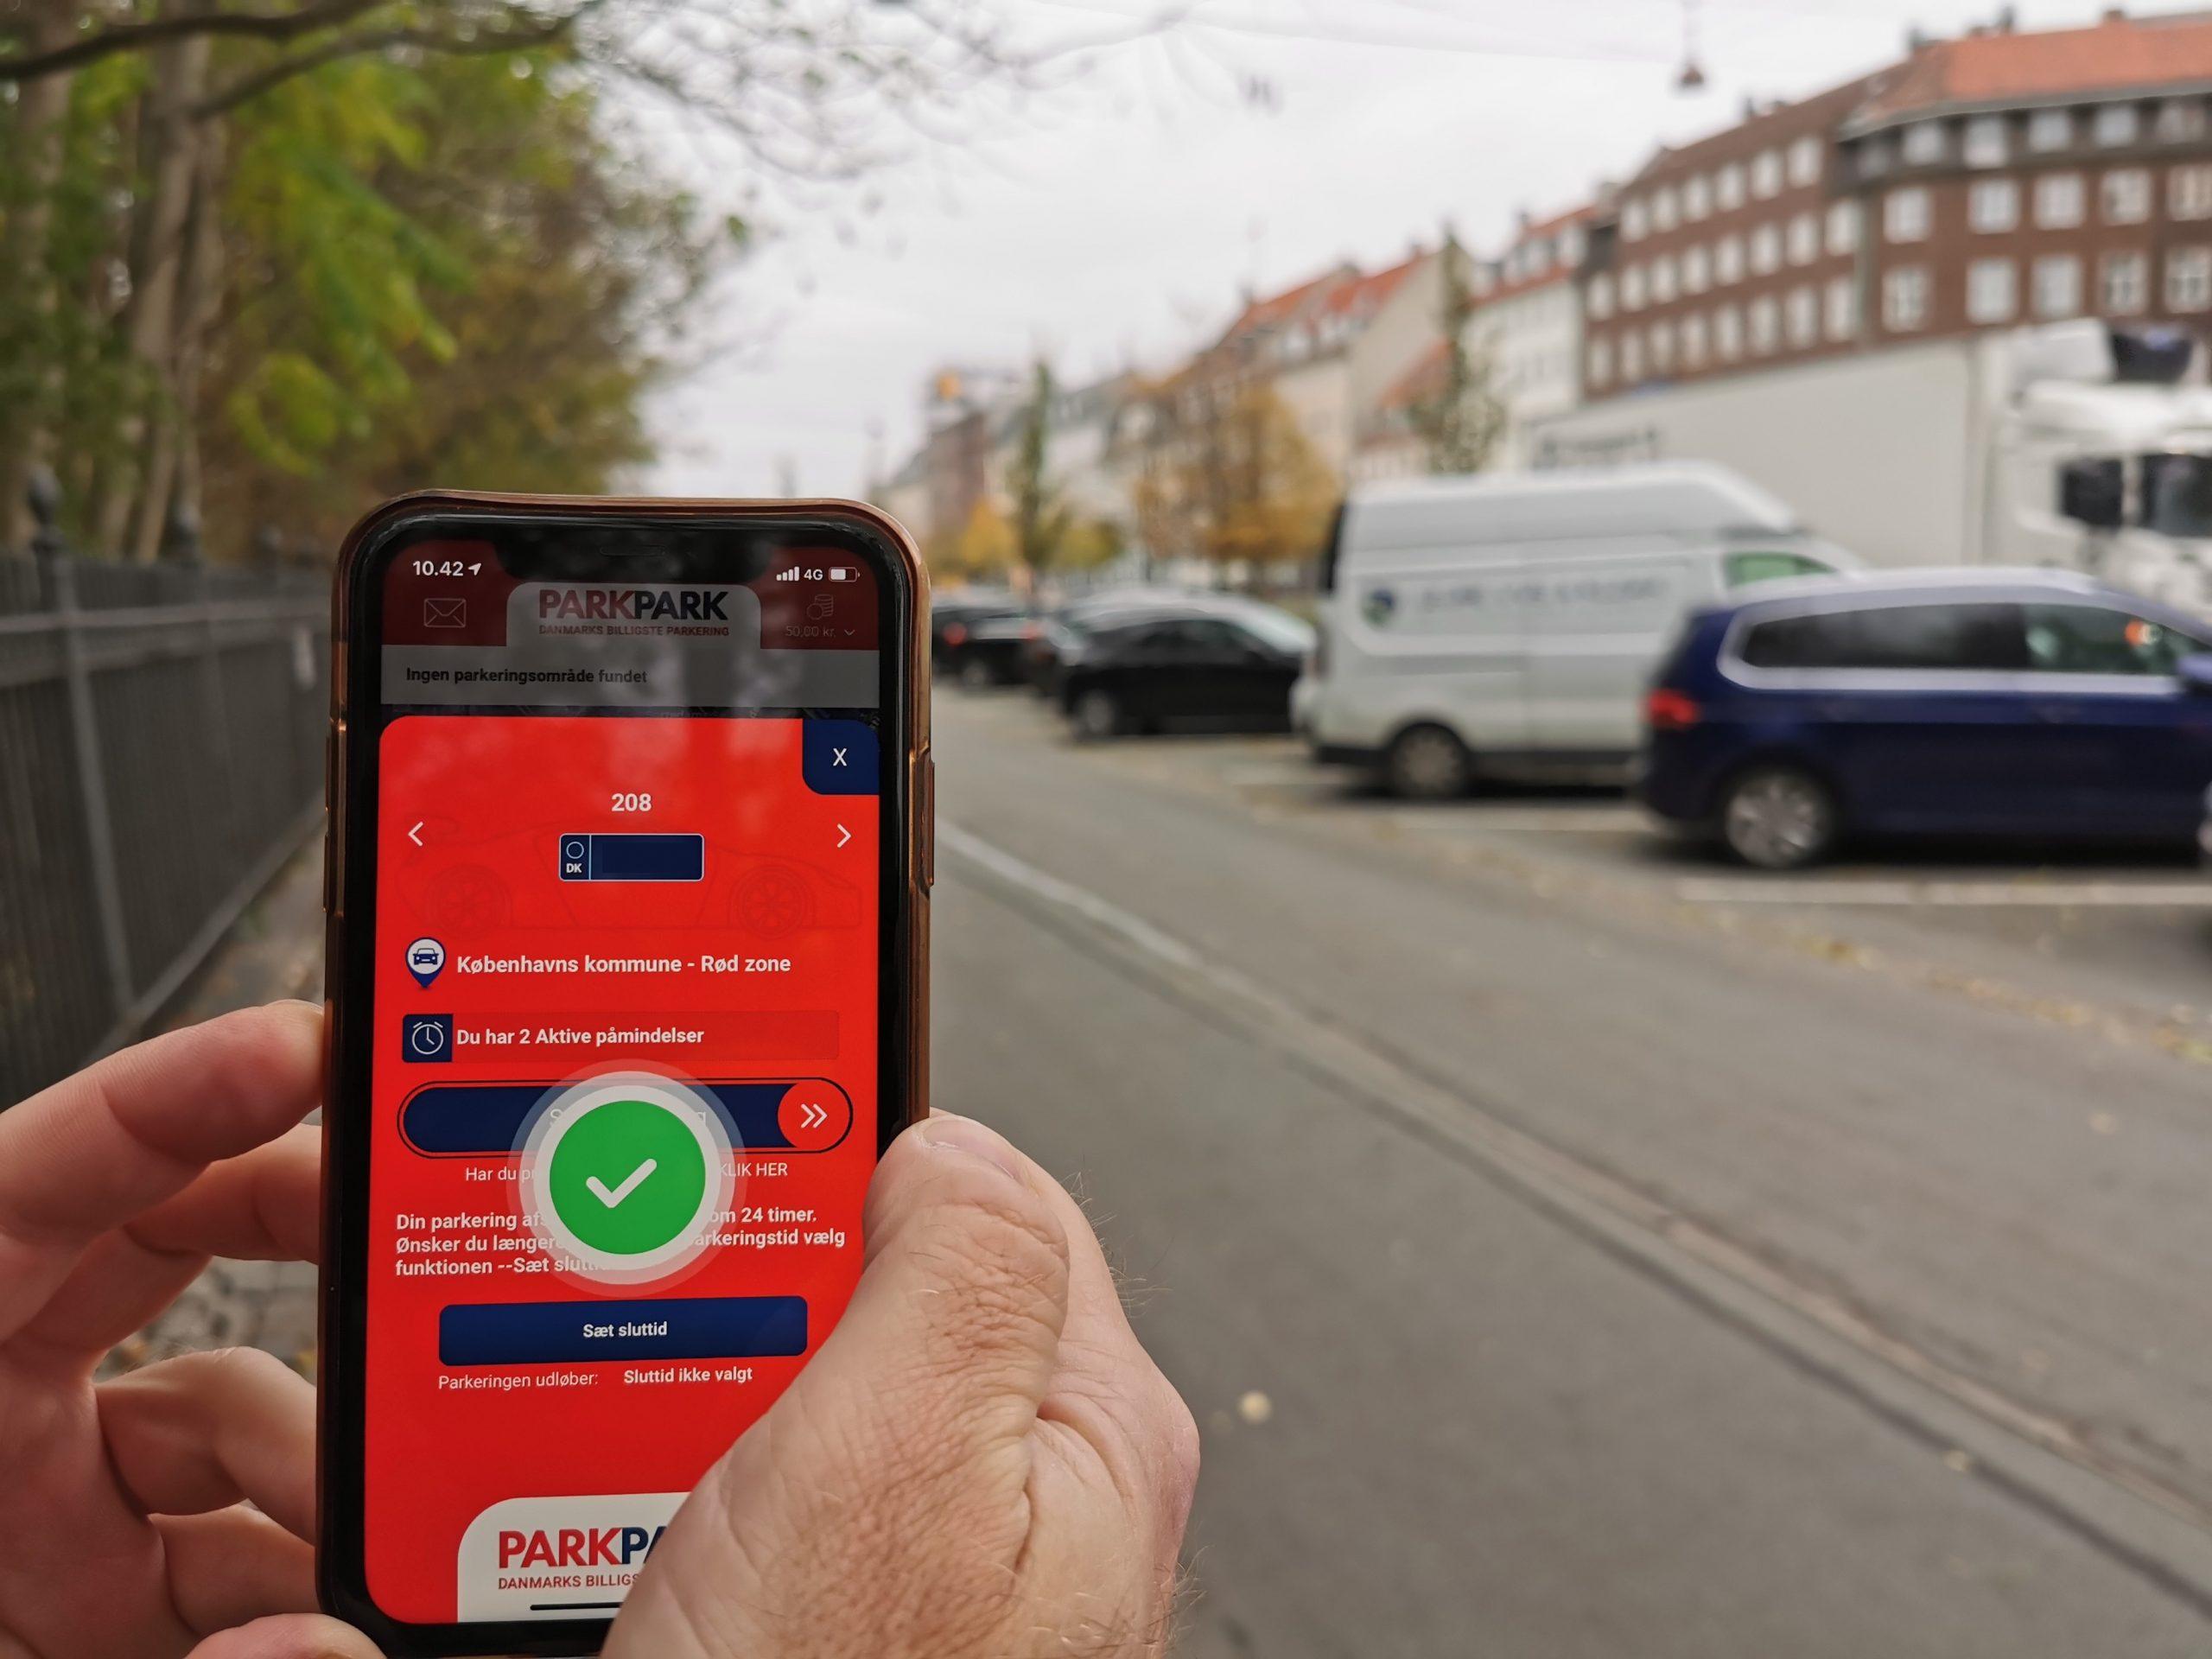 """Nyheder - """"PARKPARK appen gør det lettere at parkere"""""""